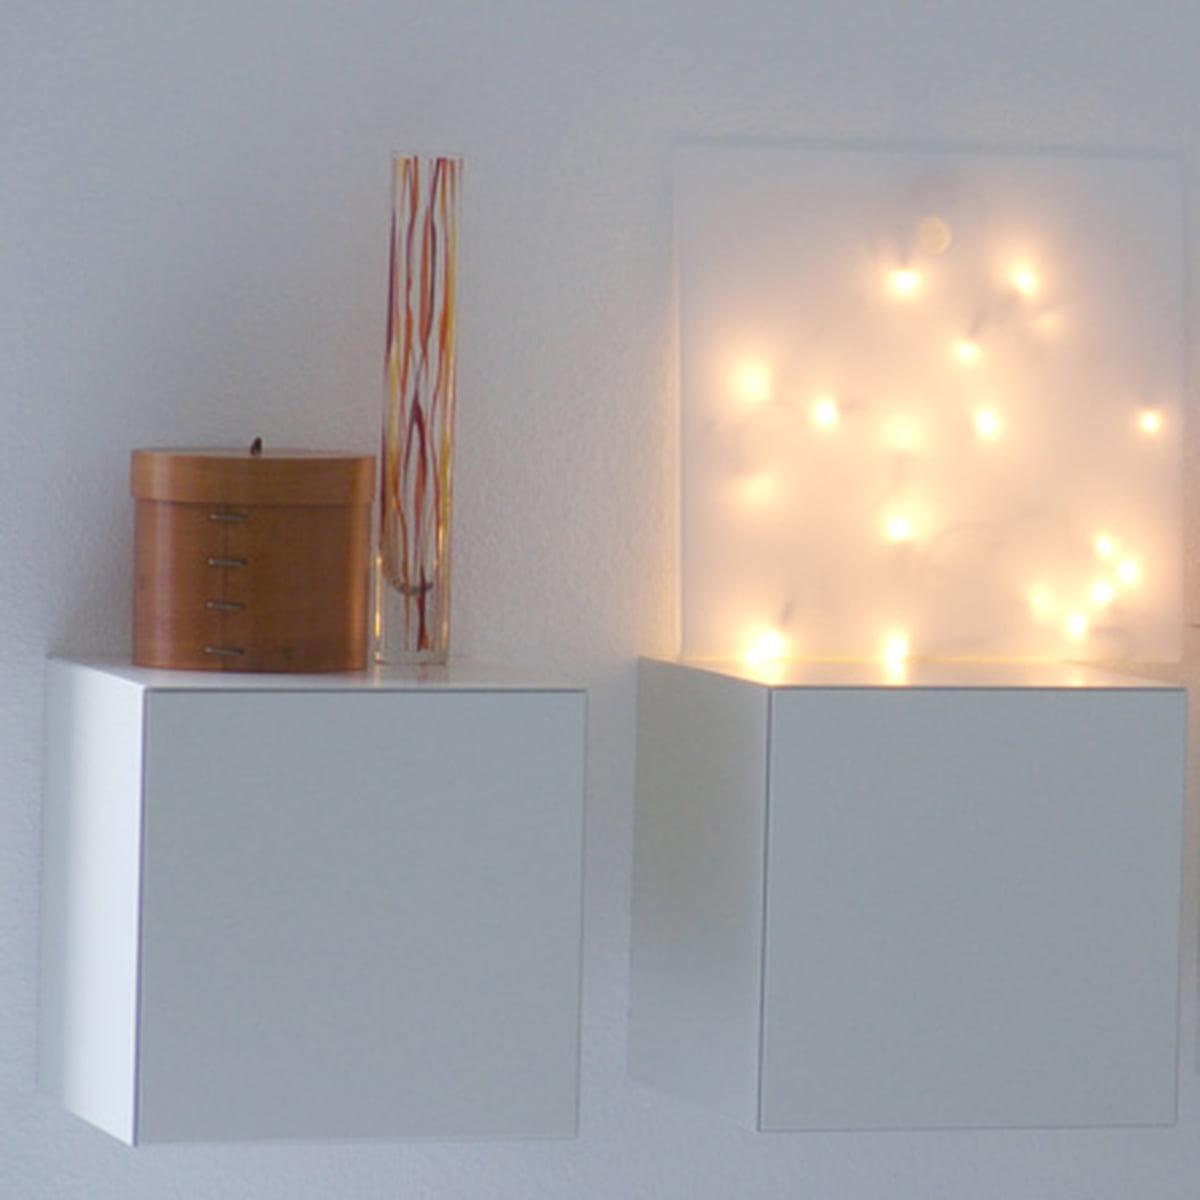 Pocket lamp artikel design shop for Design artikel